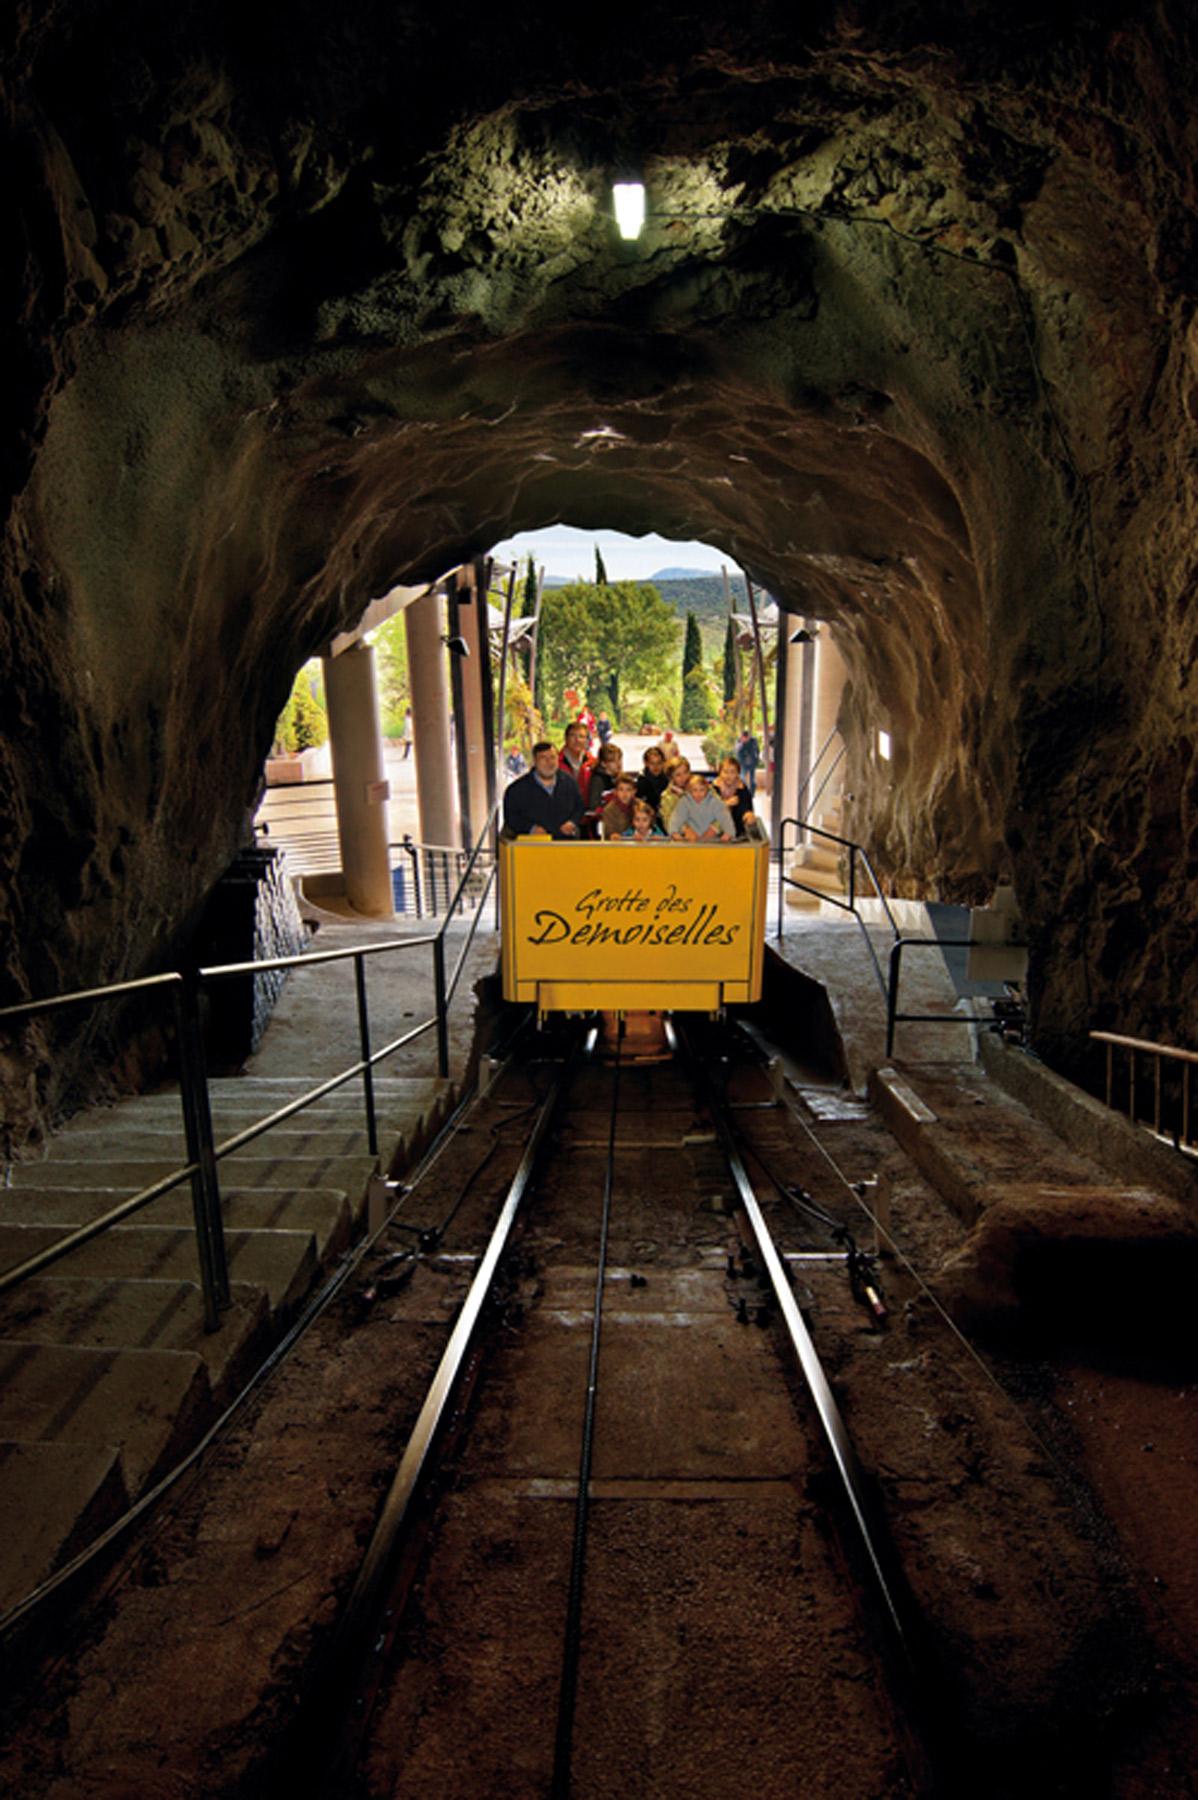 histoire du tourisme souterrain tourisme-grottes-des-demoiselles-herault